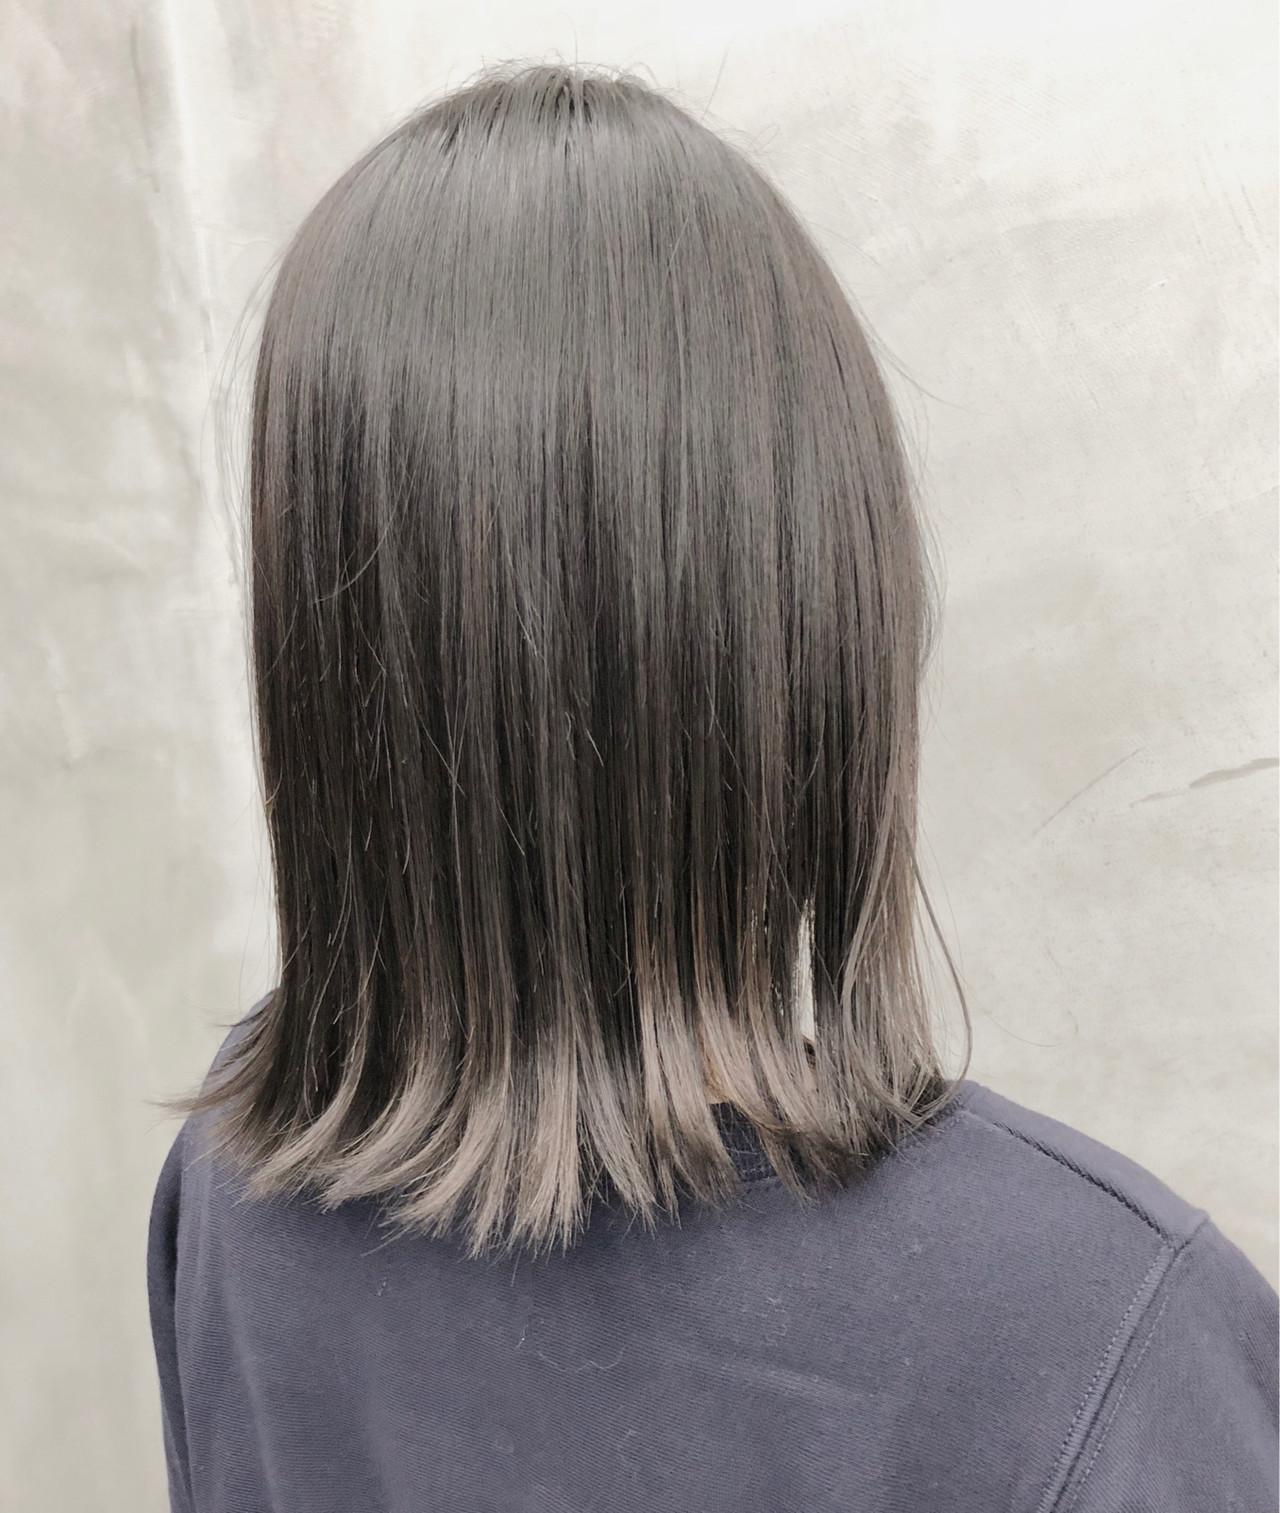 ツヤ髪に♡髪をいたわるブリーチなしグレージュ 徳竹淳一